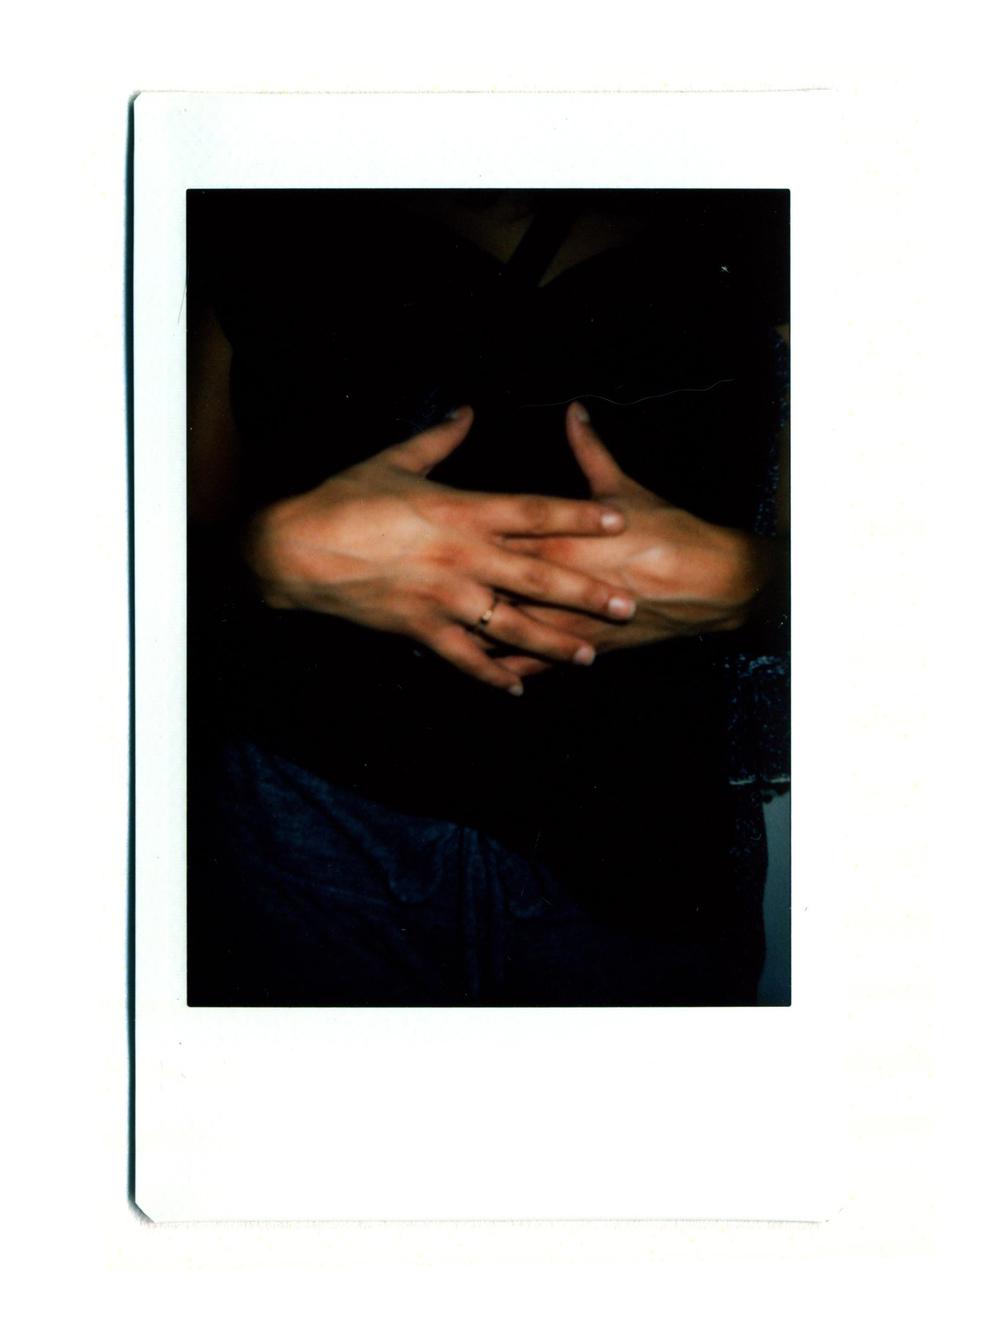 Marisa's Hands